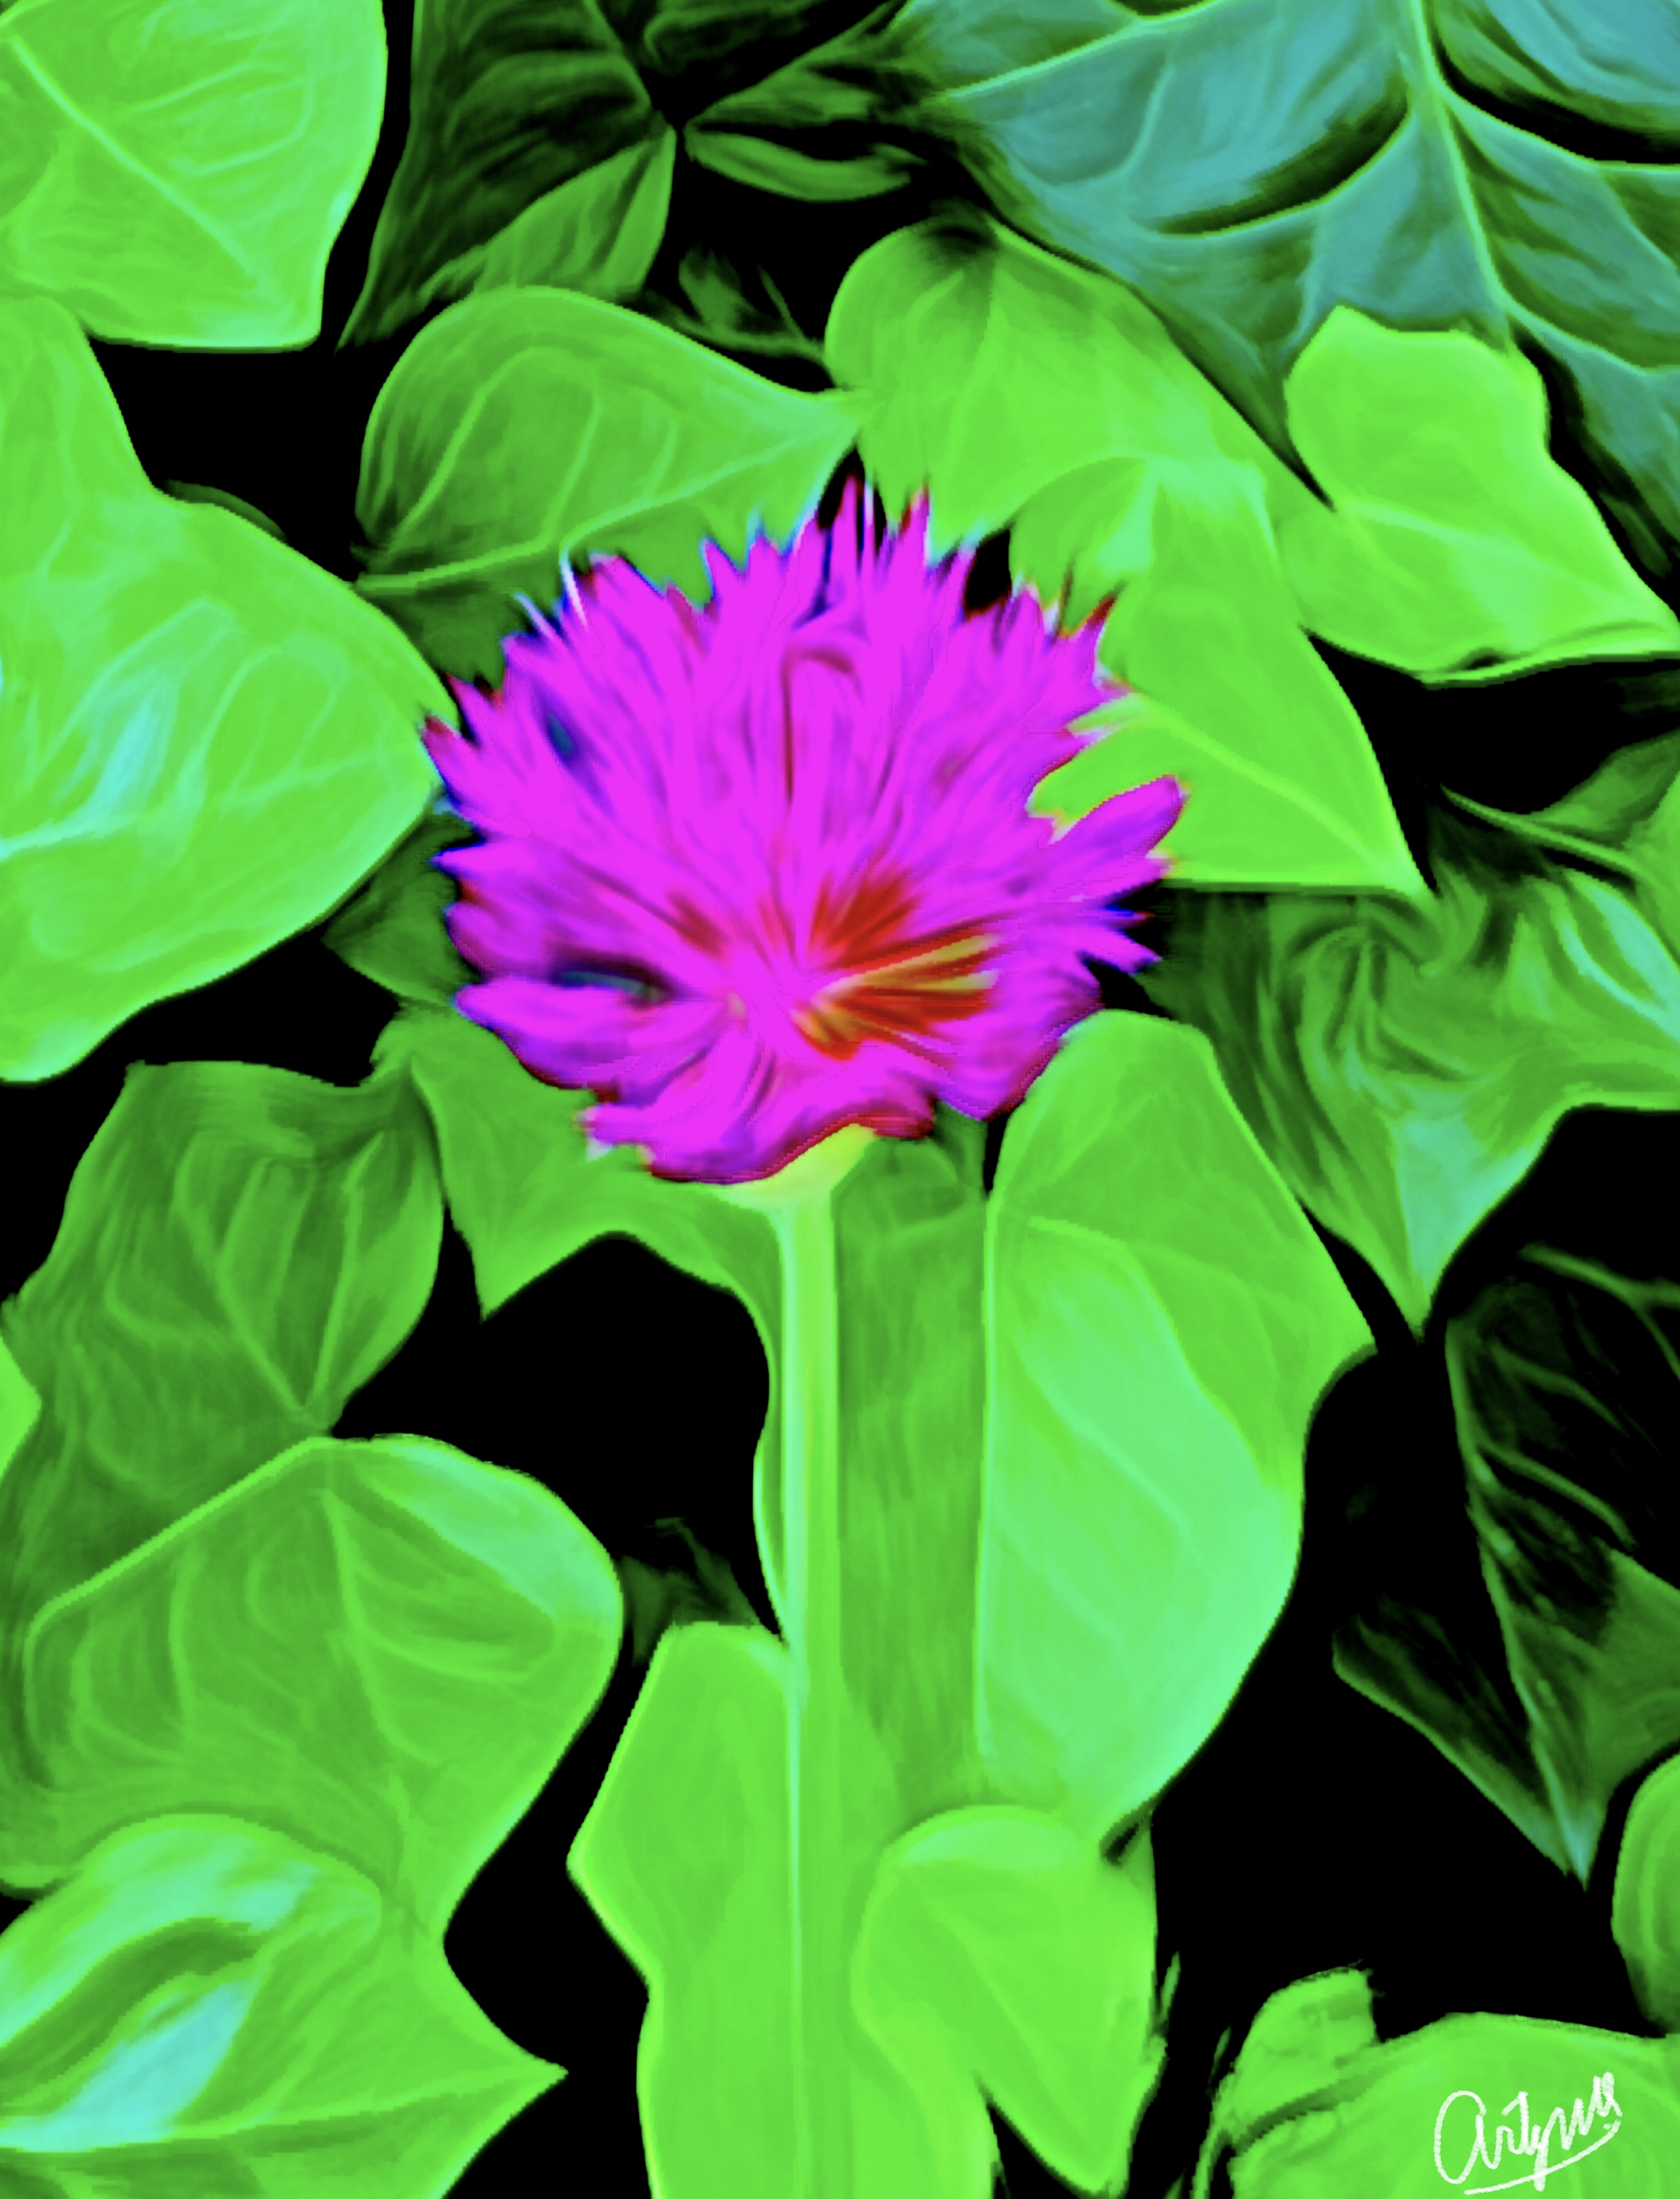 Painting Digital Flowers Garden photography art artwork creative Green